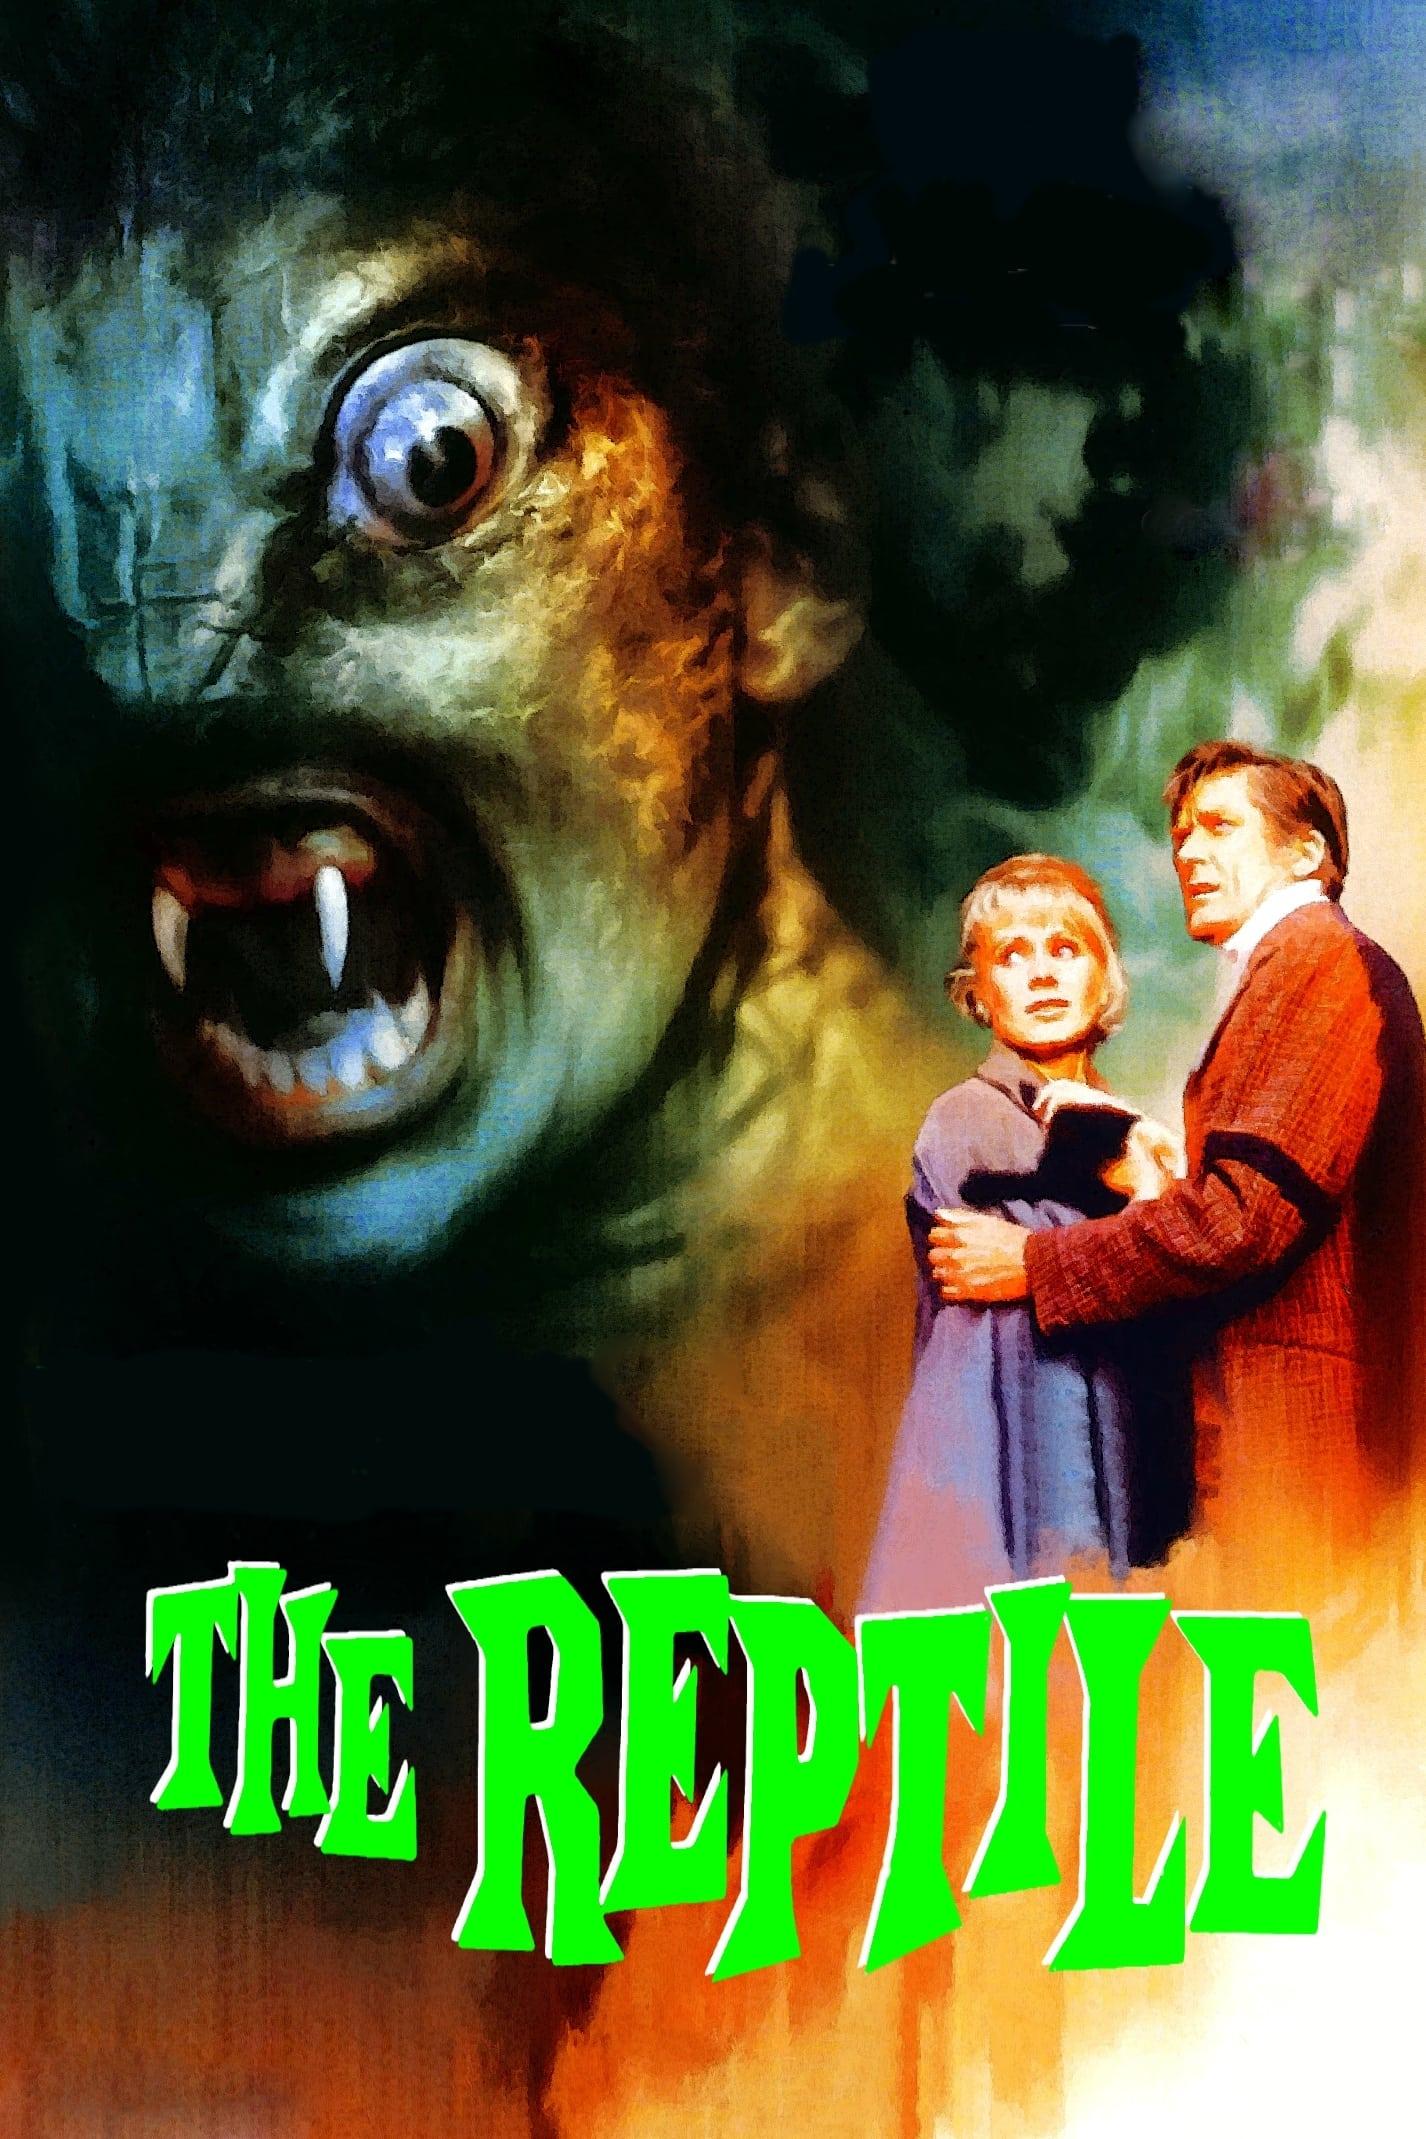 El Reptil